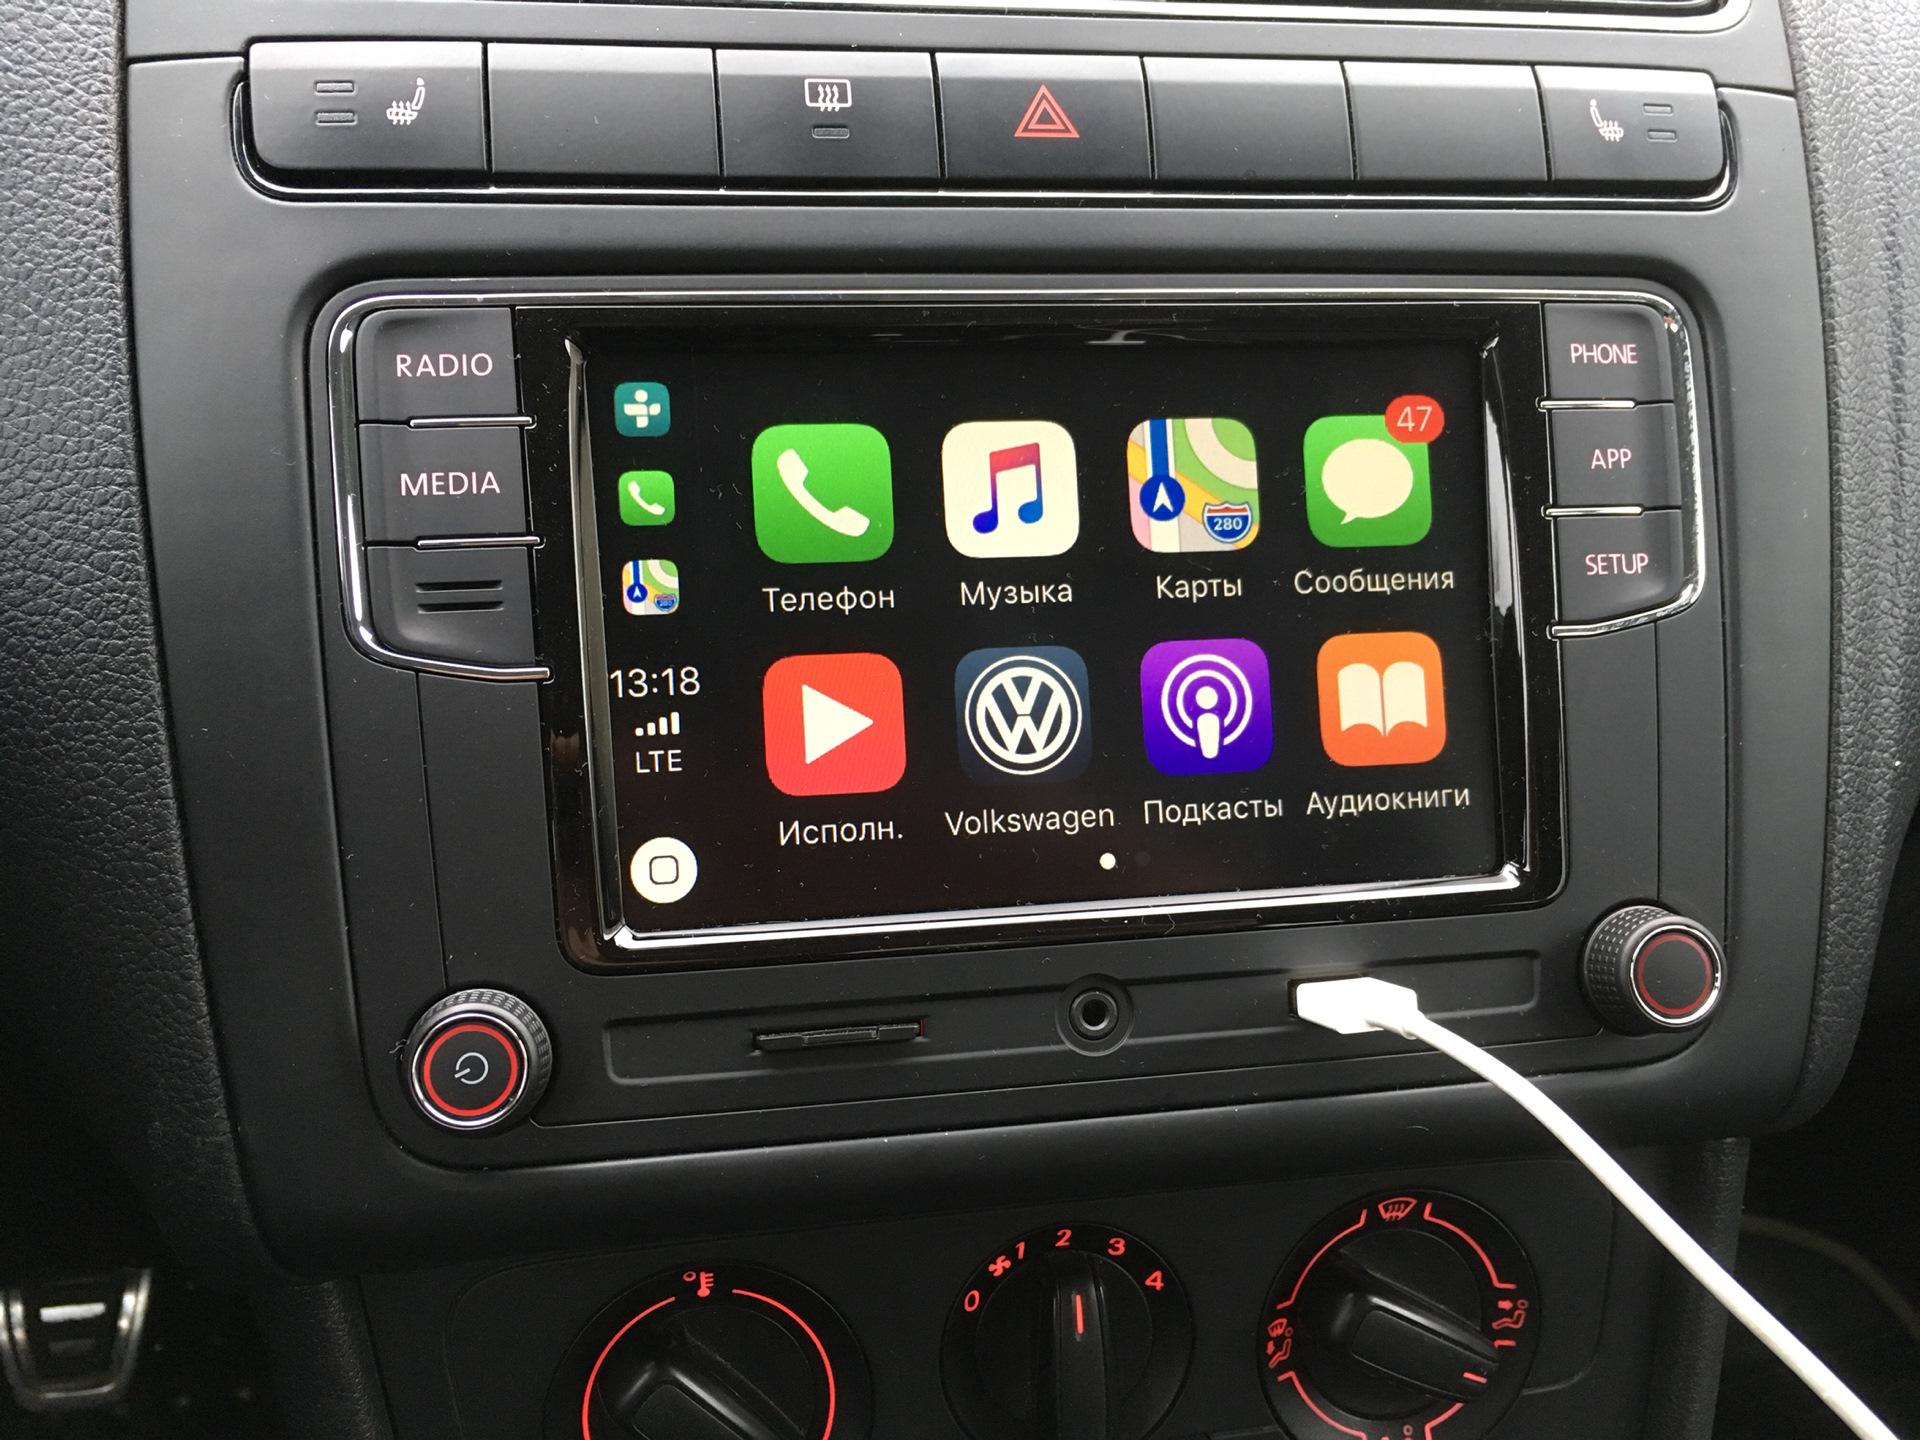 Штатные магнитолы для автомобилей AG: Skoda и VW